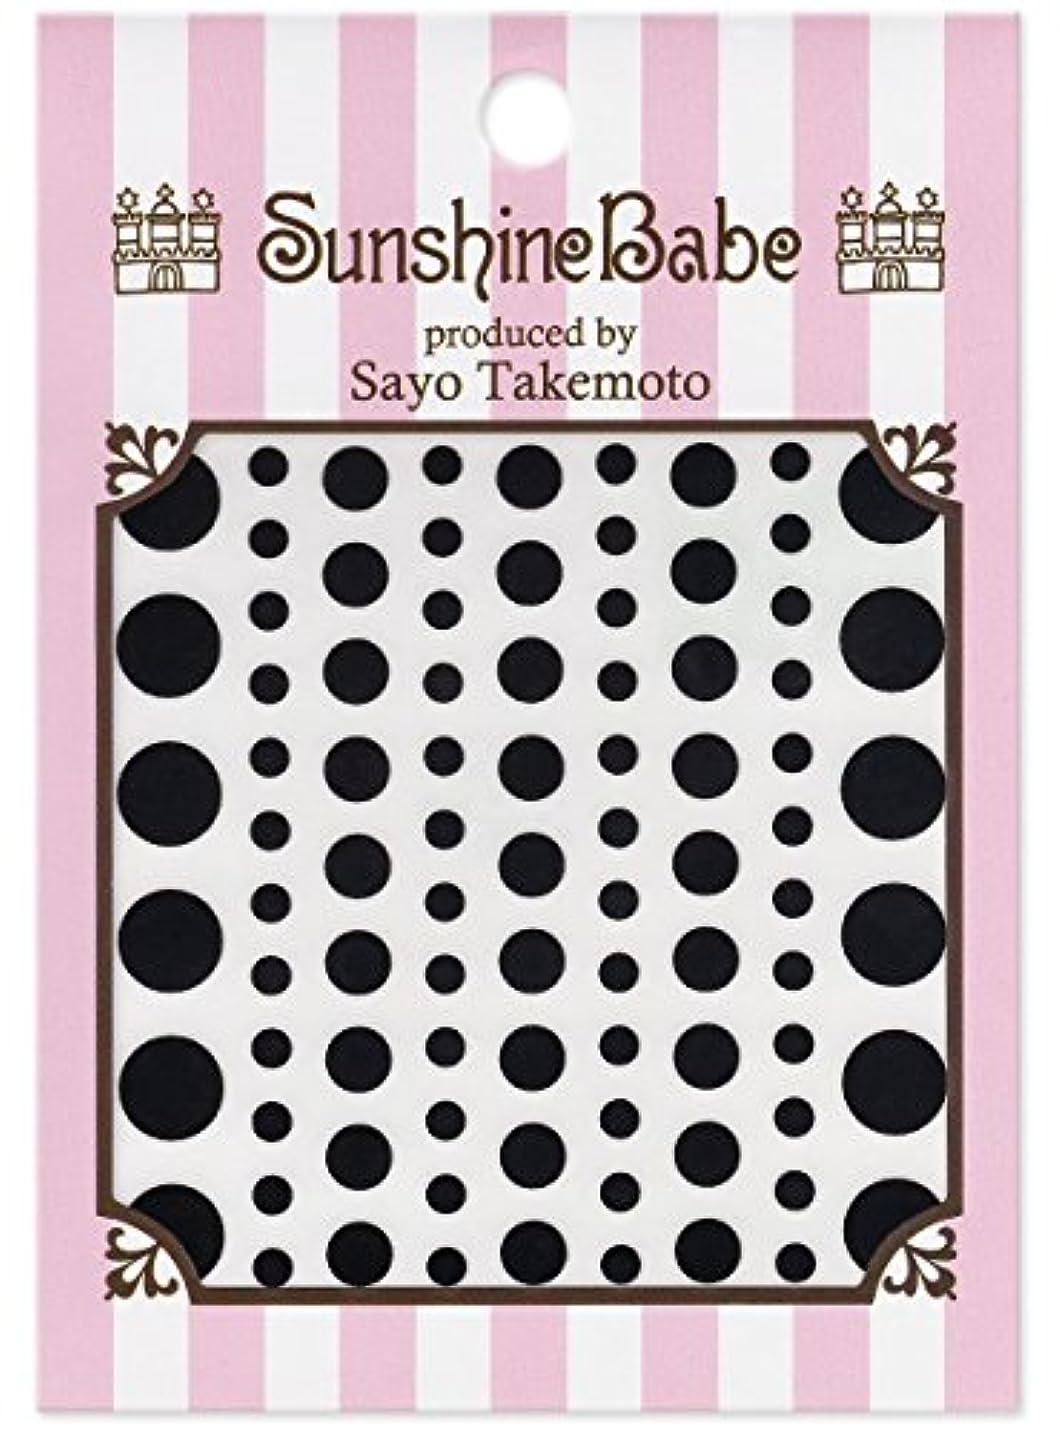 公爵夫人効率的組み合わせるサンシャインベビー ジェルネイル 武本小夜のネイルシール Sayo Style ドット mix ブラック